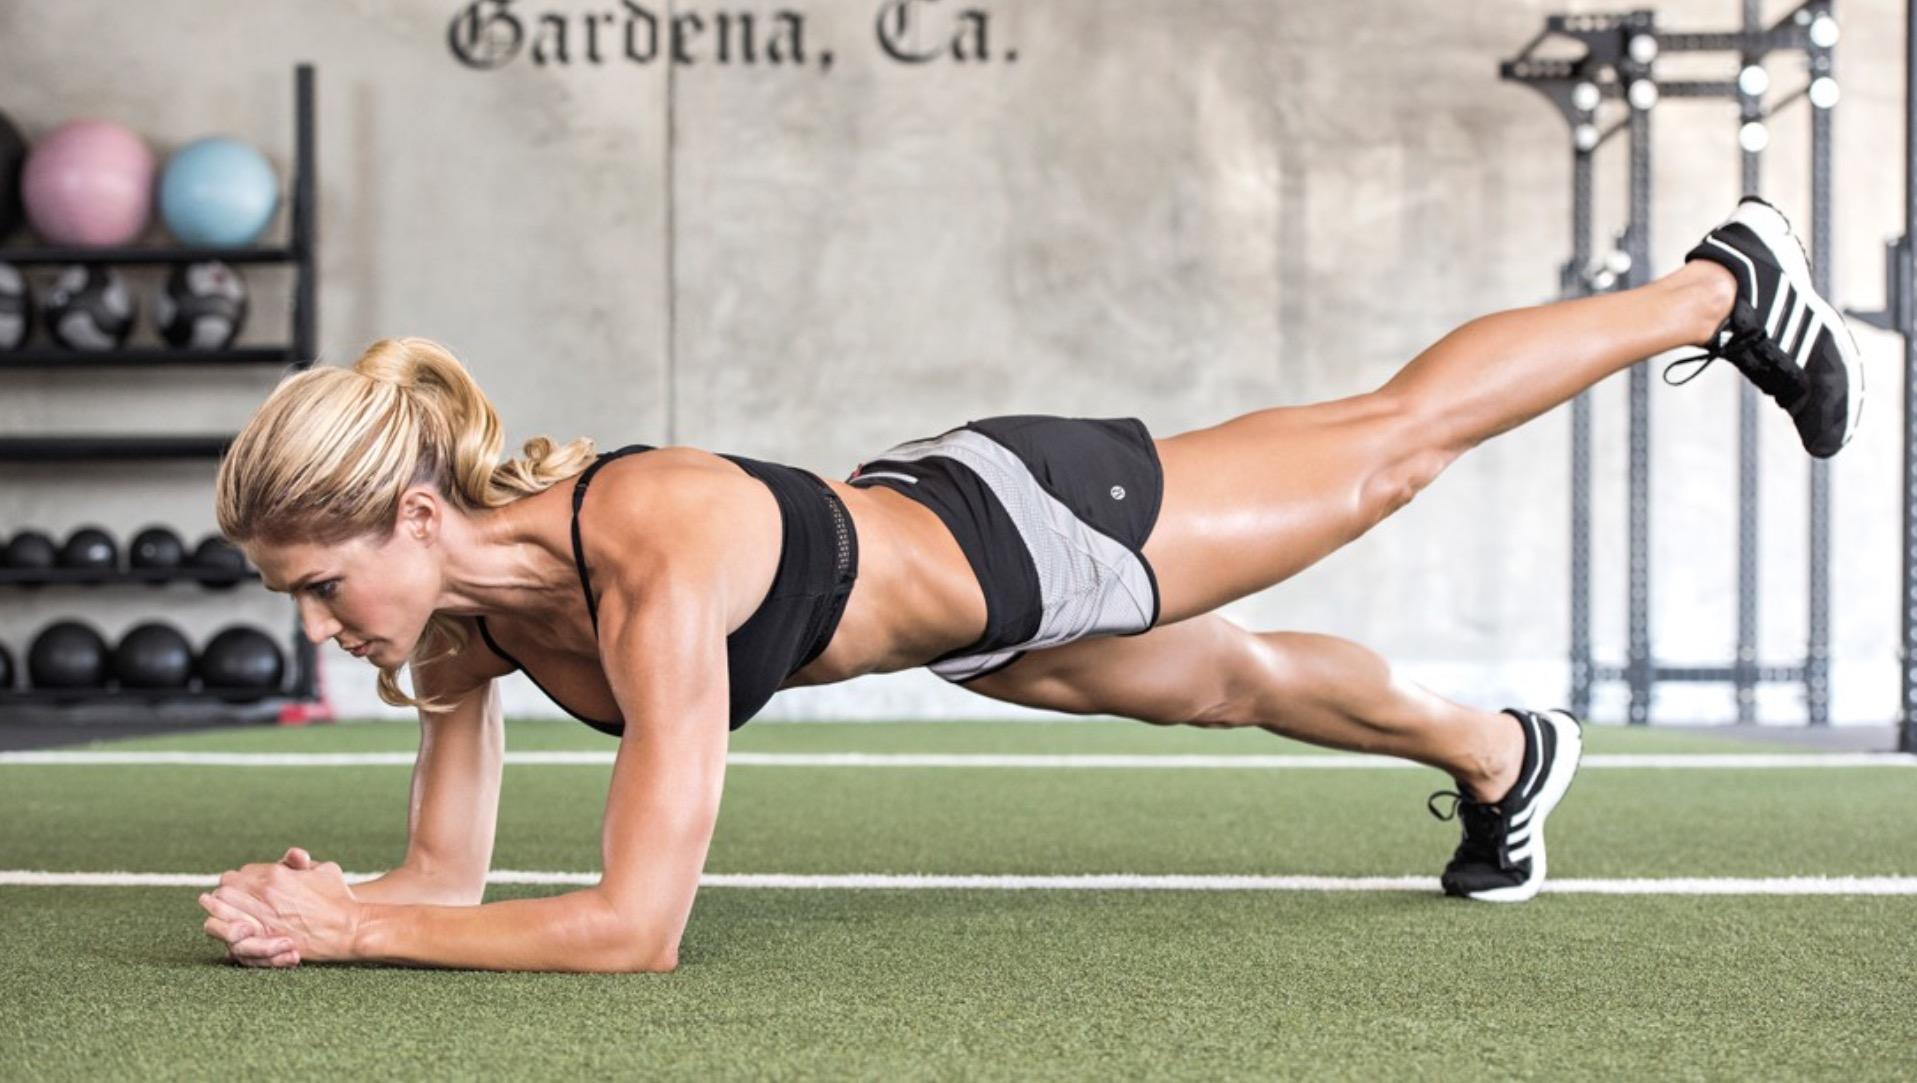 Γυμναστική λίγο πριν – λίγο μετά τα 40